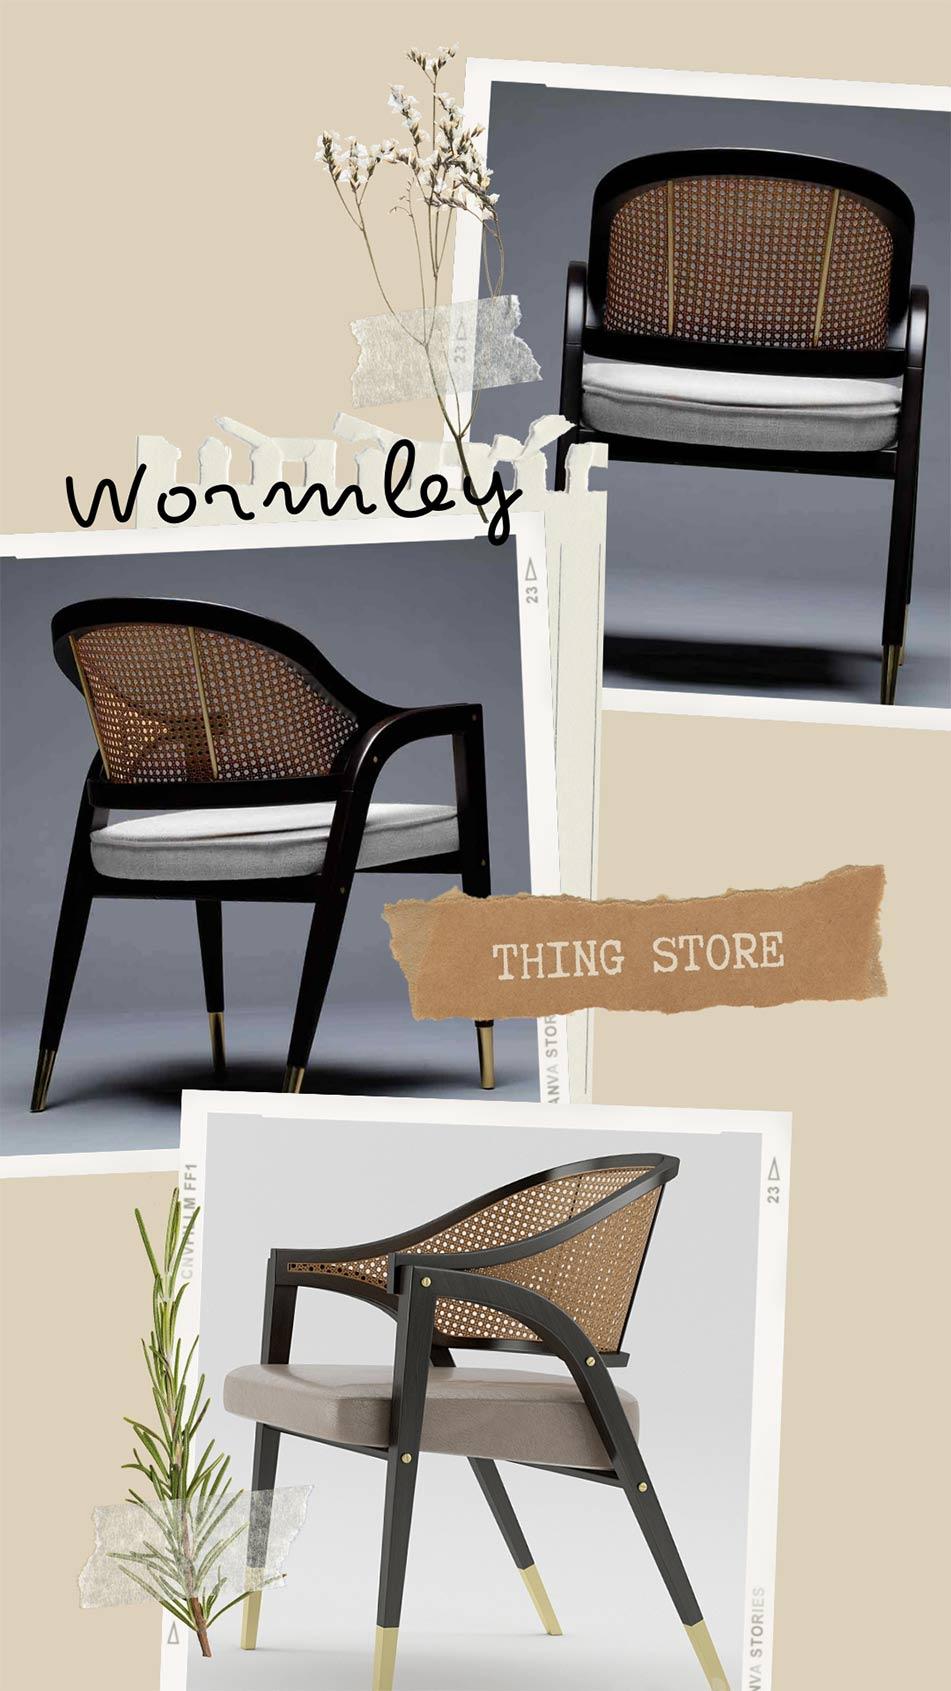 ghe wormley thing store da nang